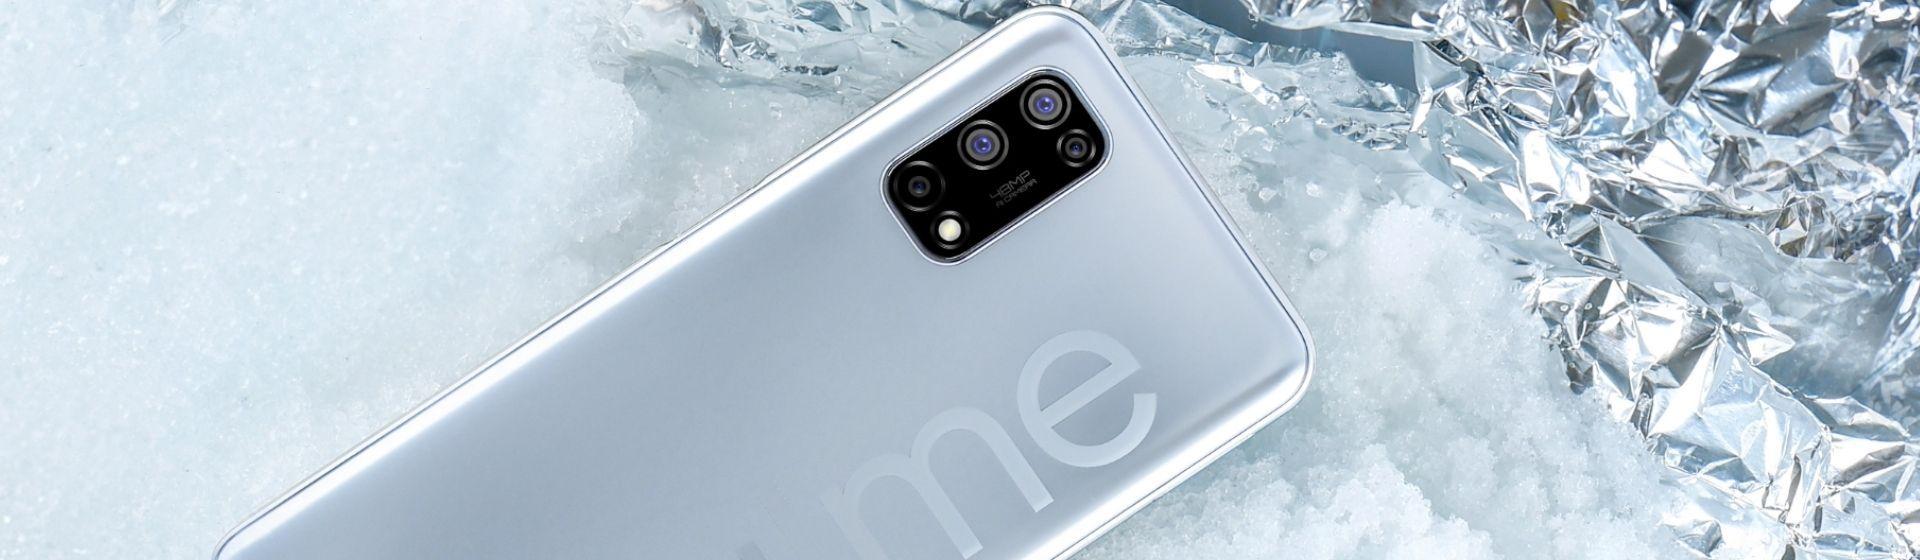 Realme 7 5G: celular chinês promete ser o mais barato com 5G no Brasil